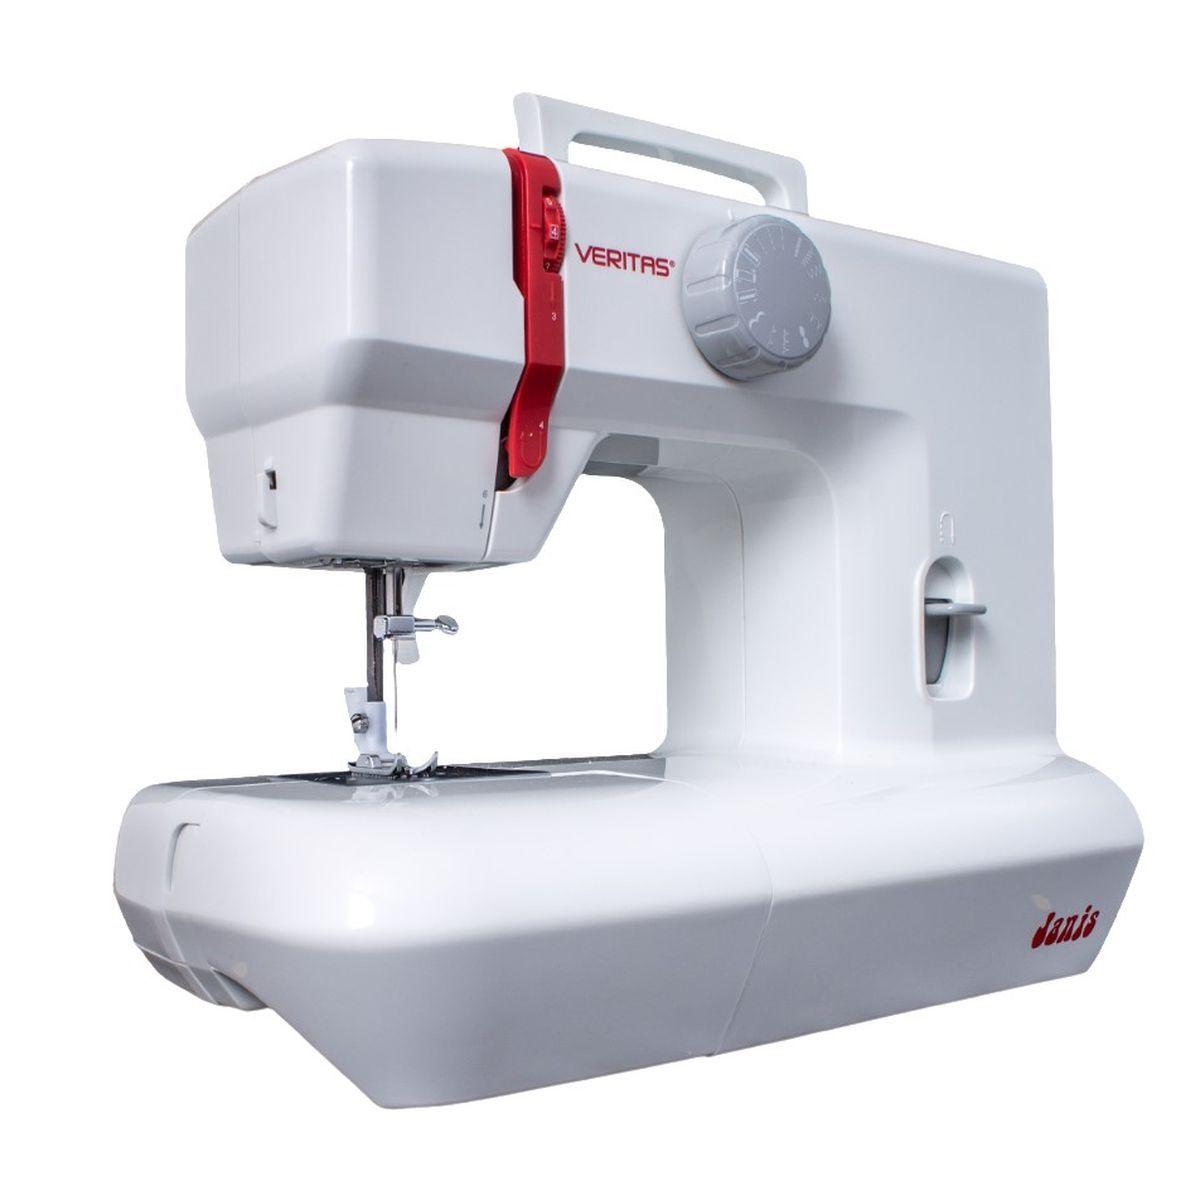 Machine à coudre JANIS - Blanc